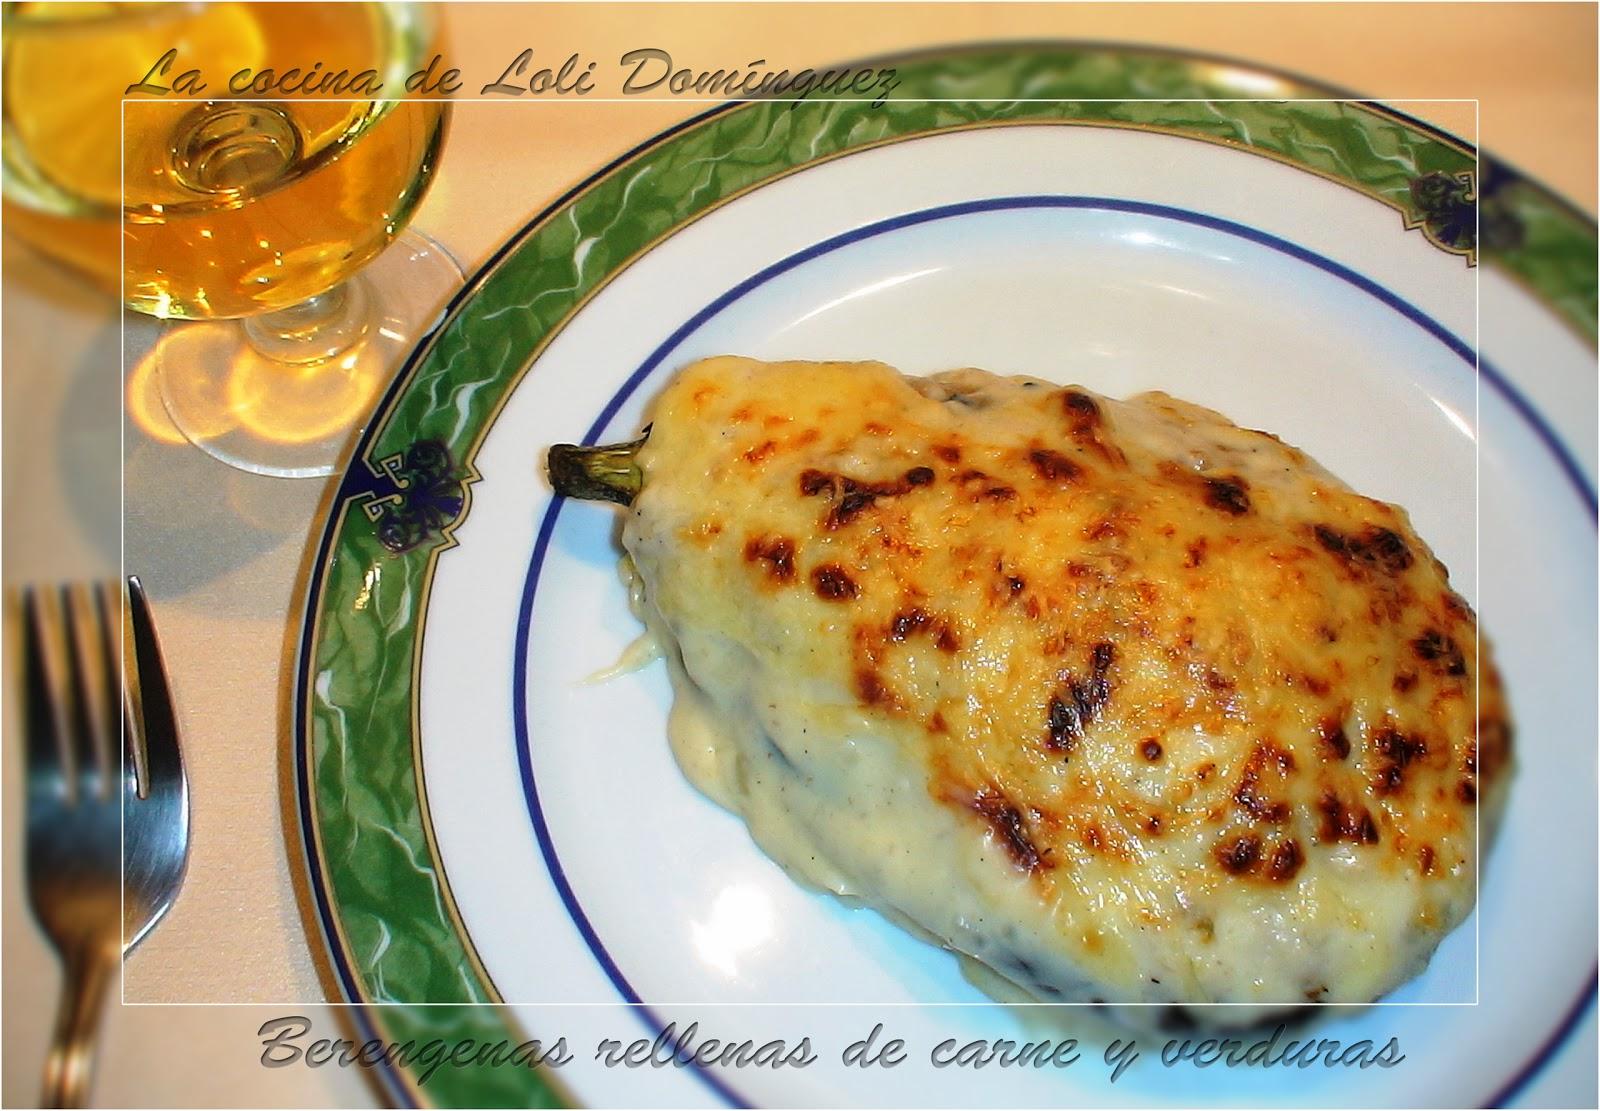 La cocina de loli dom nguez berenjenas rellenas de carne - Berenjena rellena de carne ...